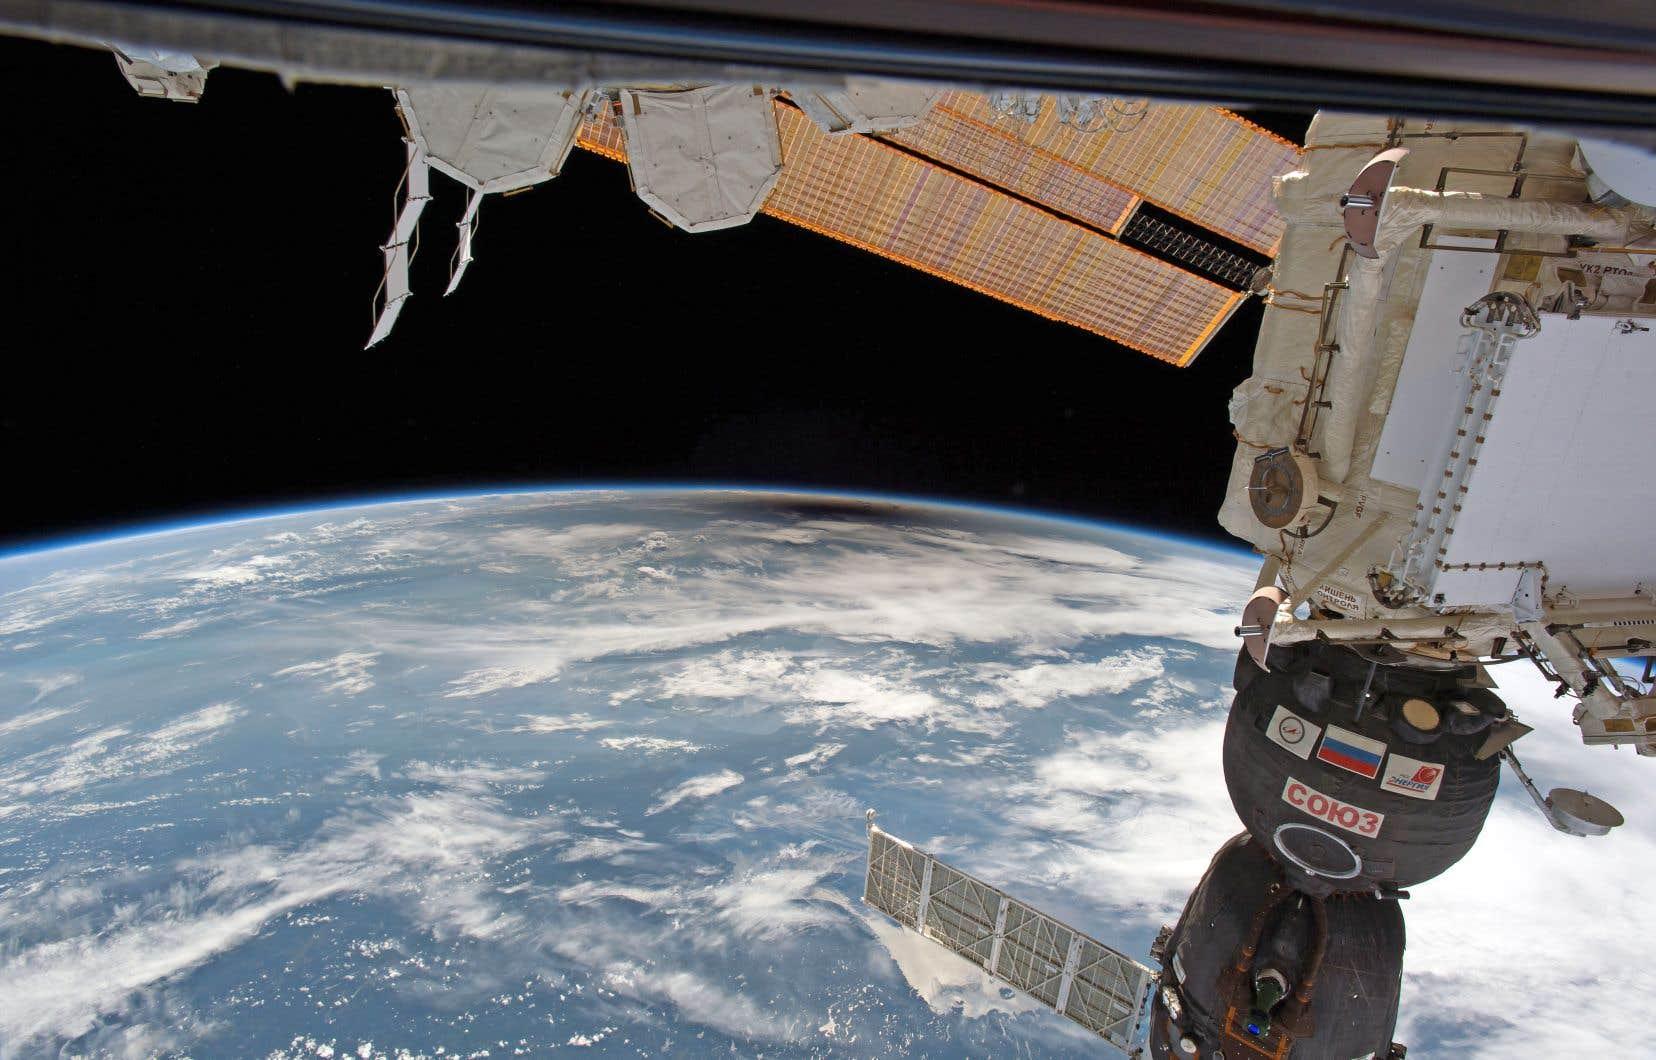 Une solution consisterait à démanteler la station et planifier sa rentrée dans l'atmosphère en vue d'un atterrissage dans l'océan Pacifique.